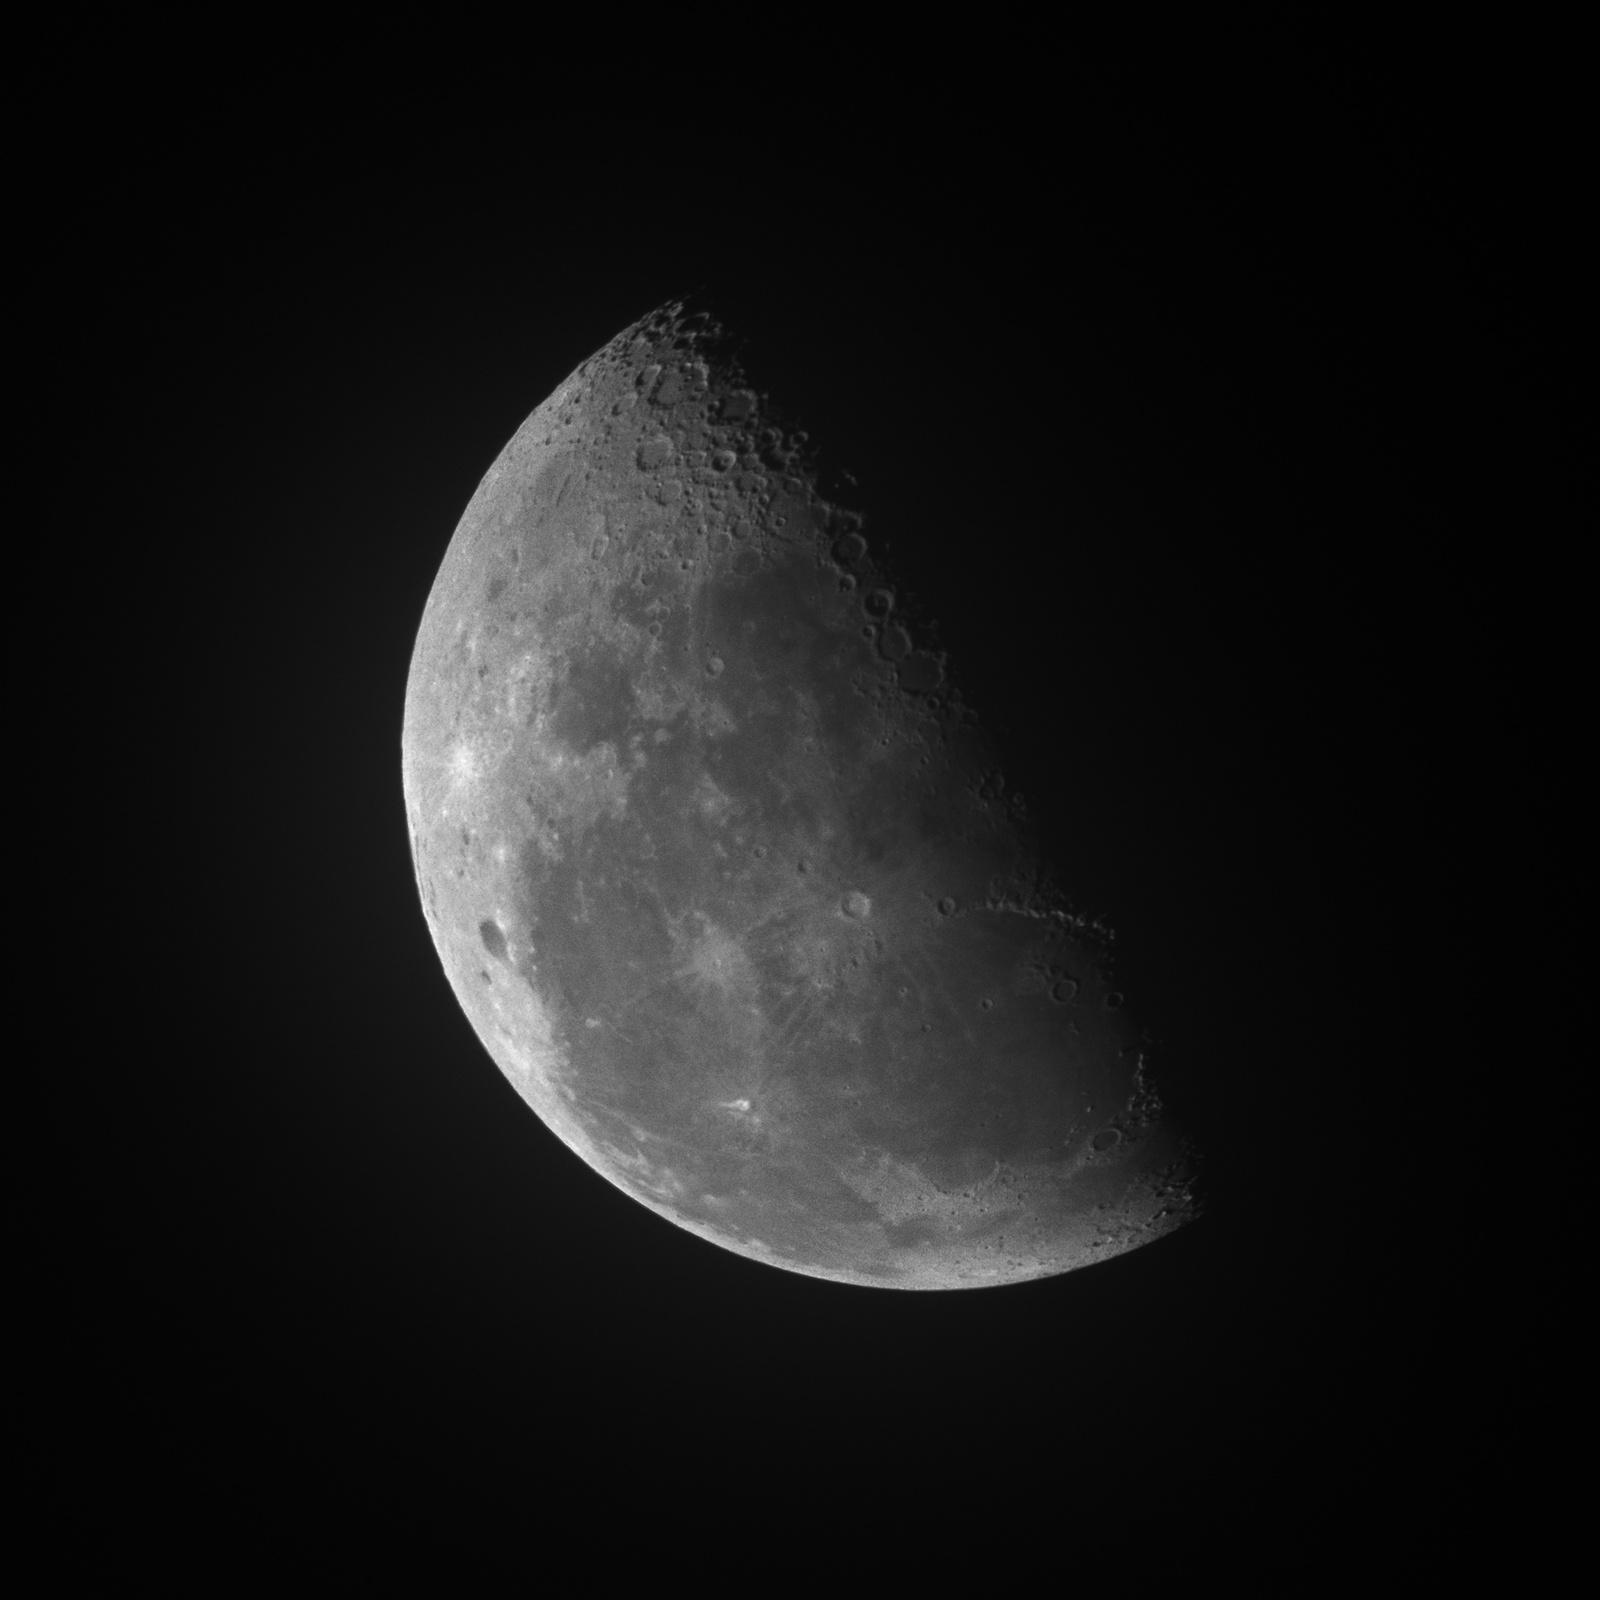 moon_20102019.jpg